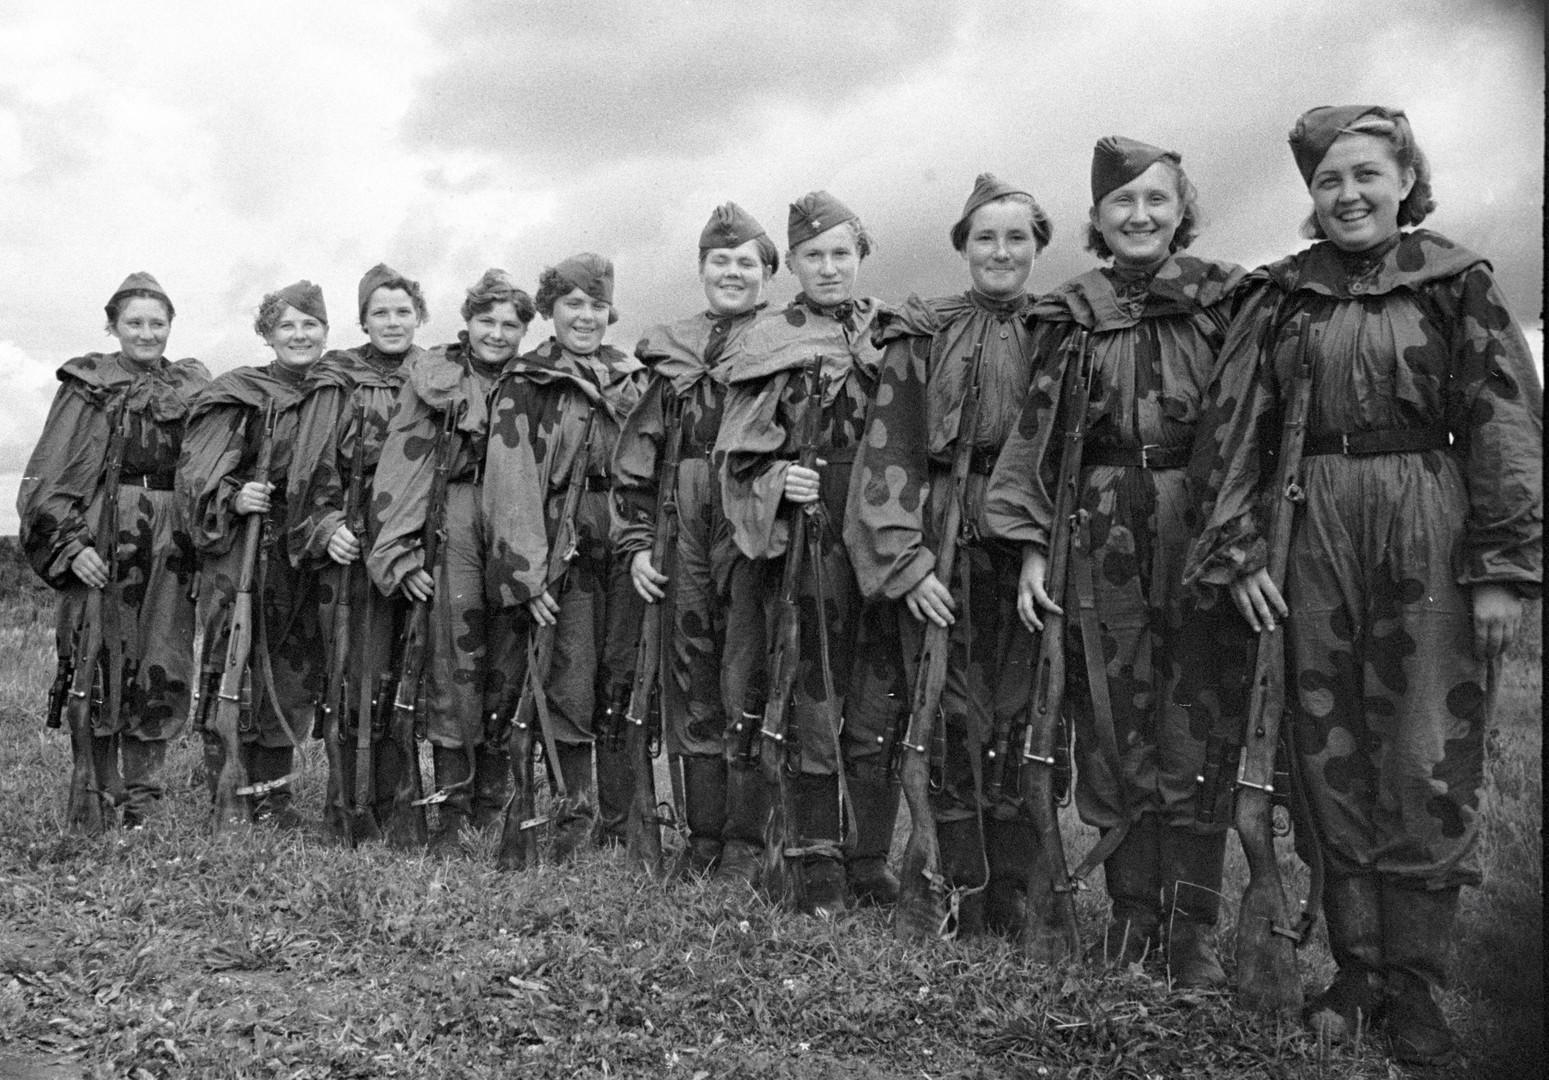 Sowjetische Scharfschützeninnen gehörten zur Elite der Roten Armee. Ihre Arbeit wurde besonders respektiert, da sie immer eine besondere Aufmerksamkeit des Feindes genossen.